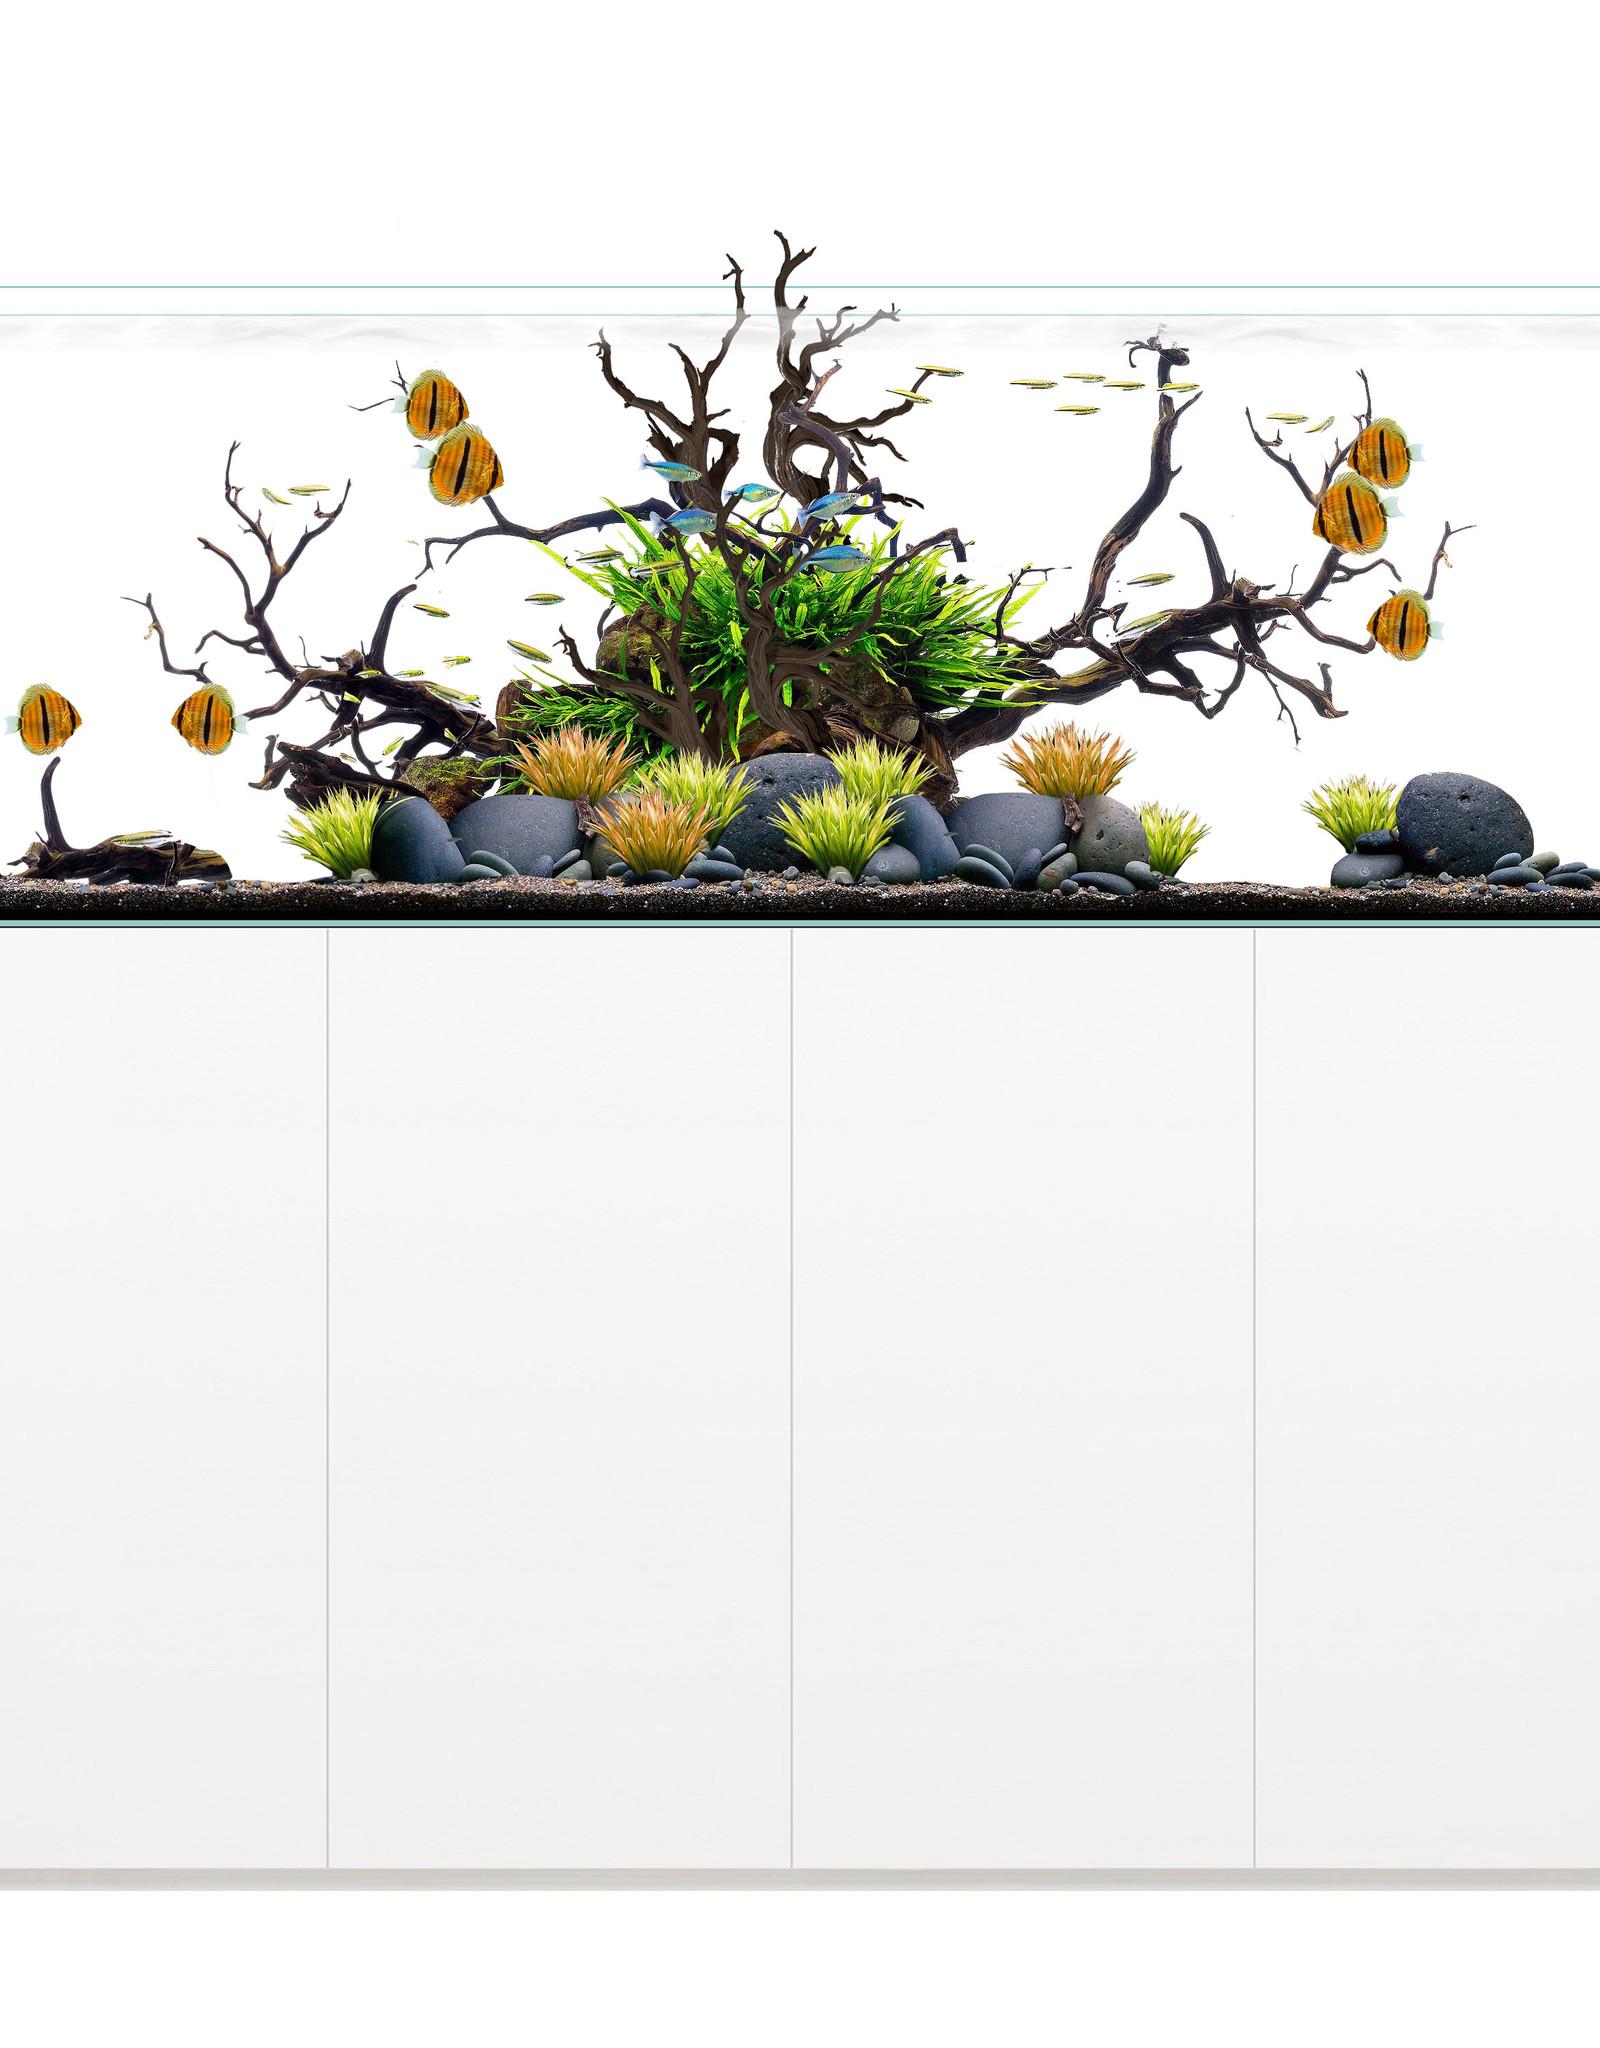 Waterbox Aquariums Waterbox Clear Pro 7225